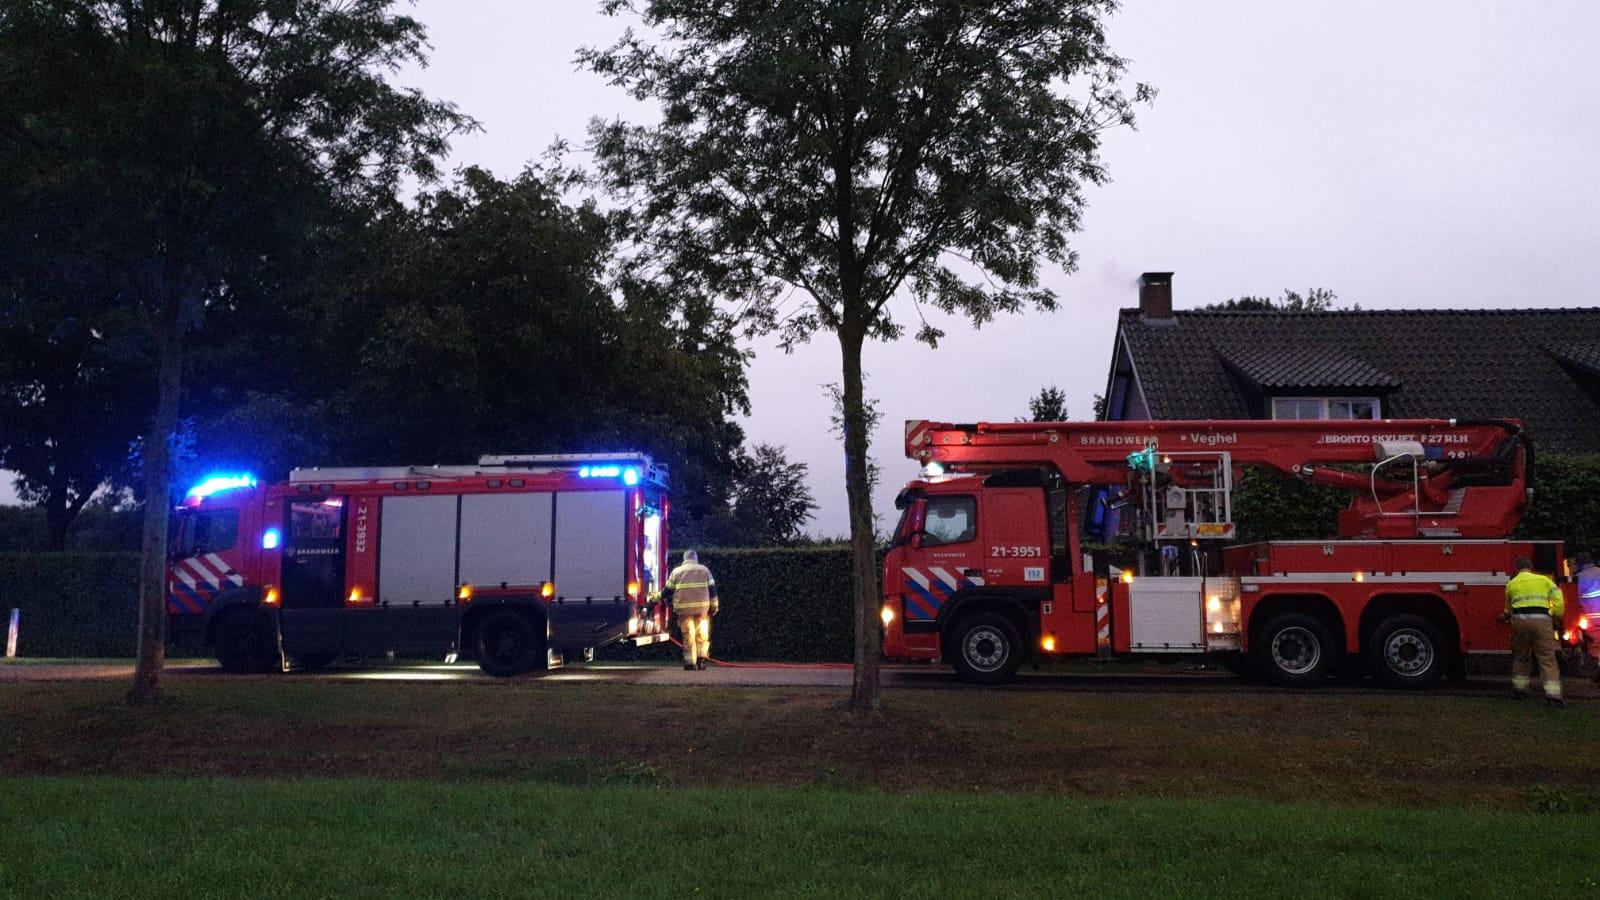 Brandweer in actie voor schoorsteenbrand in Veghel.